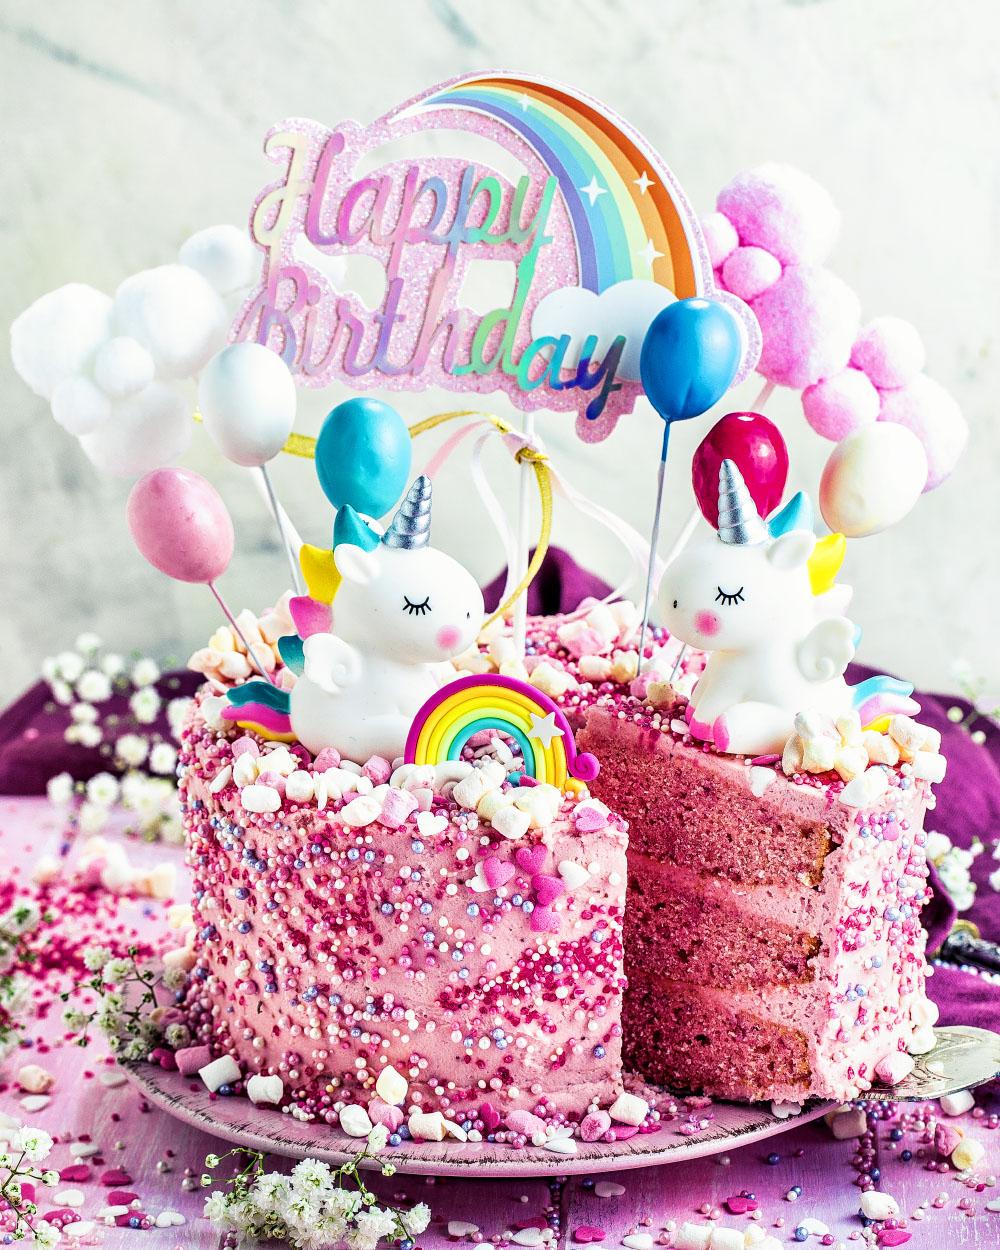 Einhorn-Torte - Einfaches Rezept Für Mädchen Geburtstagstorte bestimmt für Geburtstagskuchen Zum 1 Geburtstag